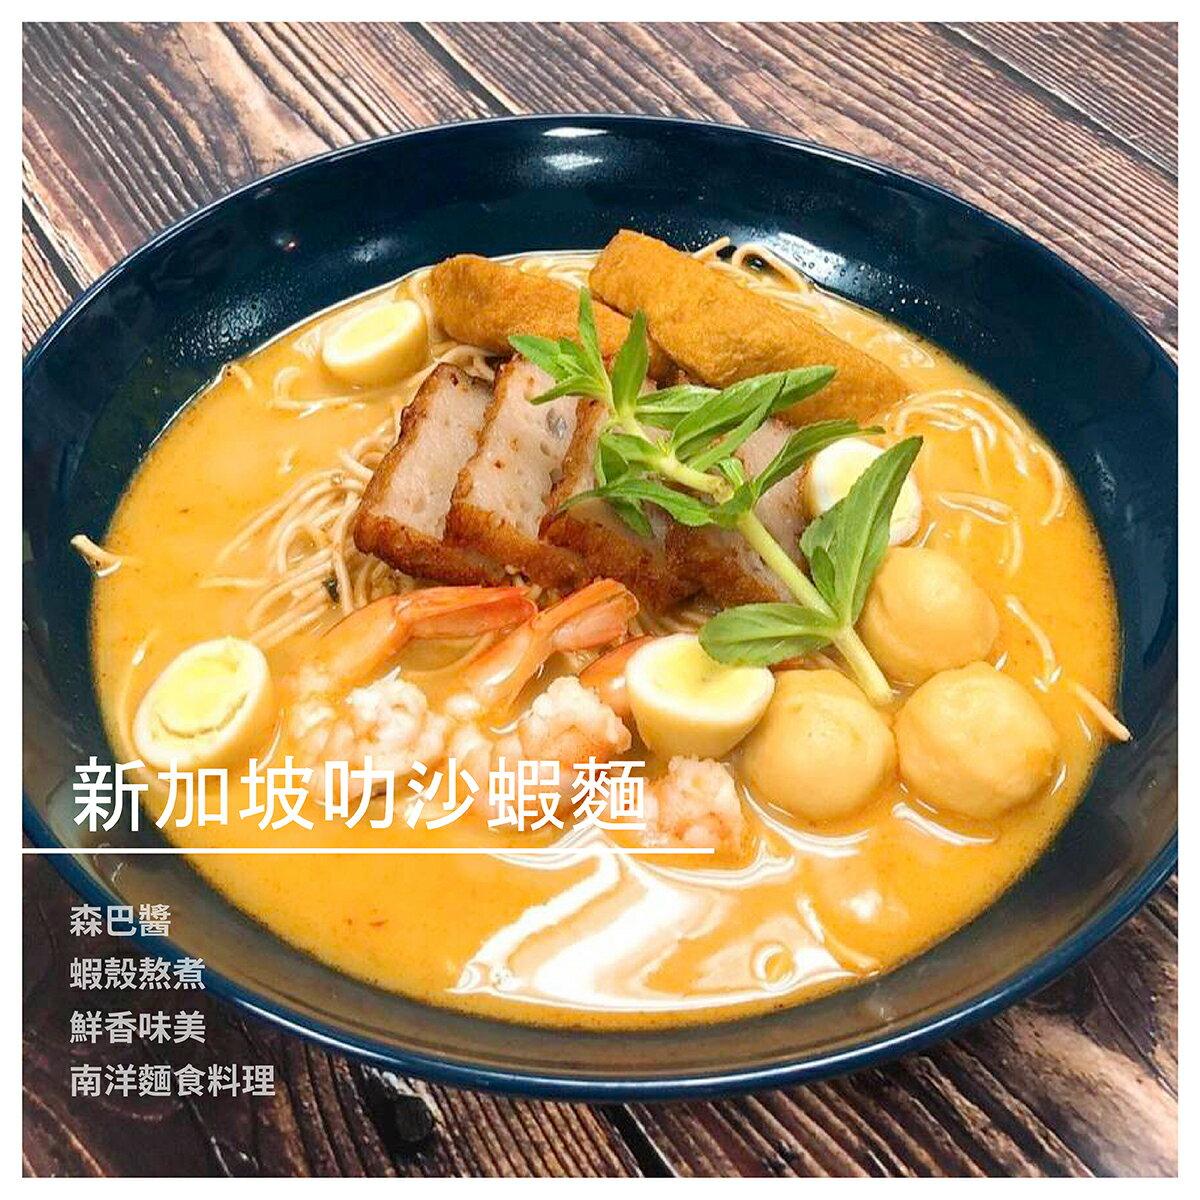 【鮮日嚐四季餐桌料理】新加坡叻沙蝦麵/份